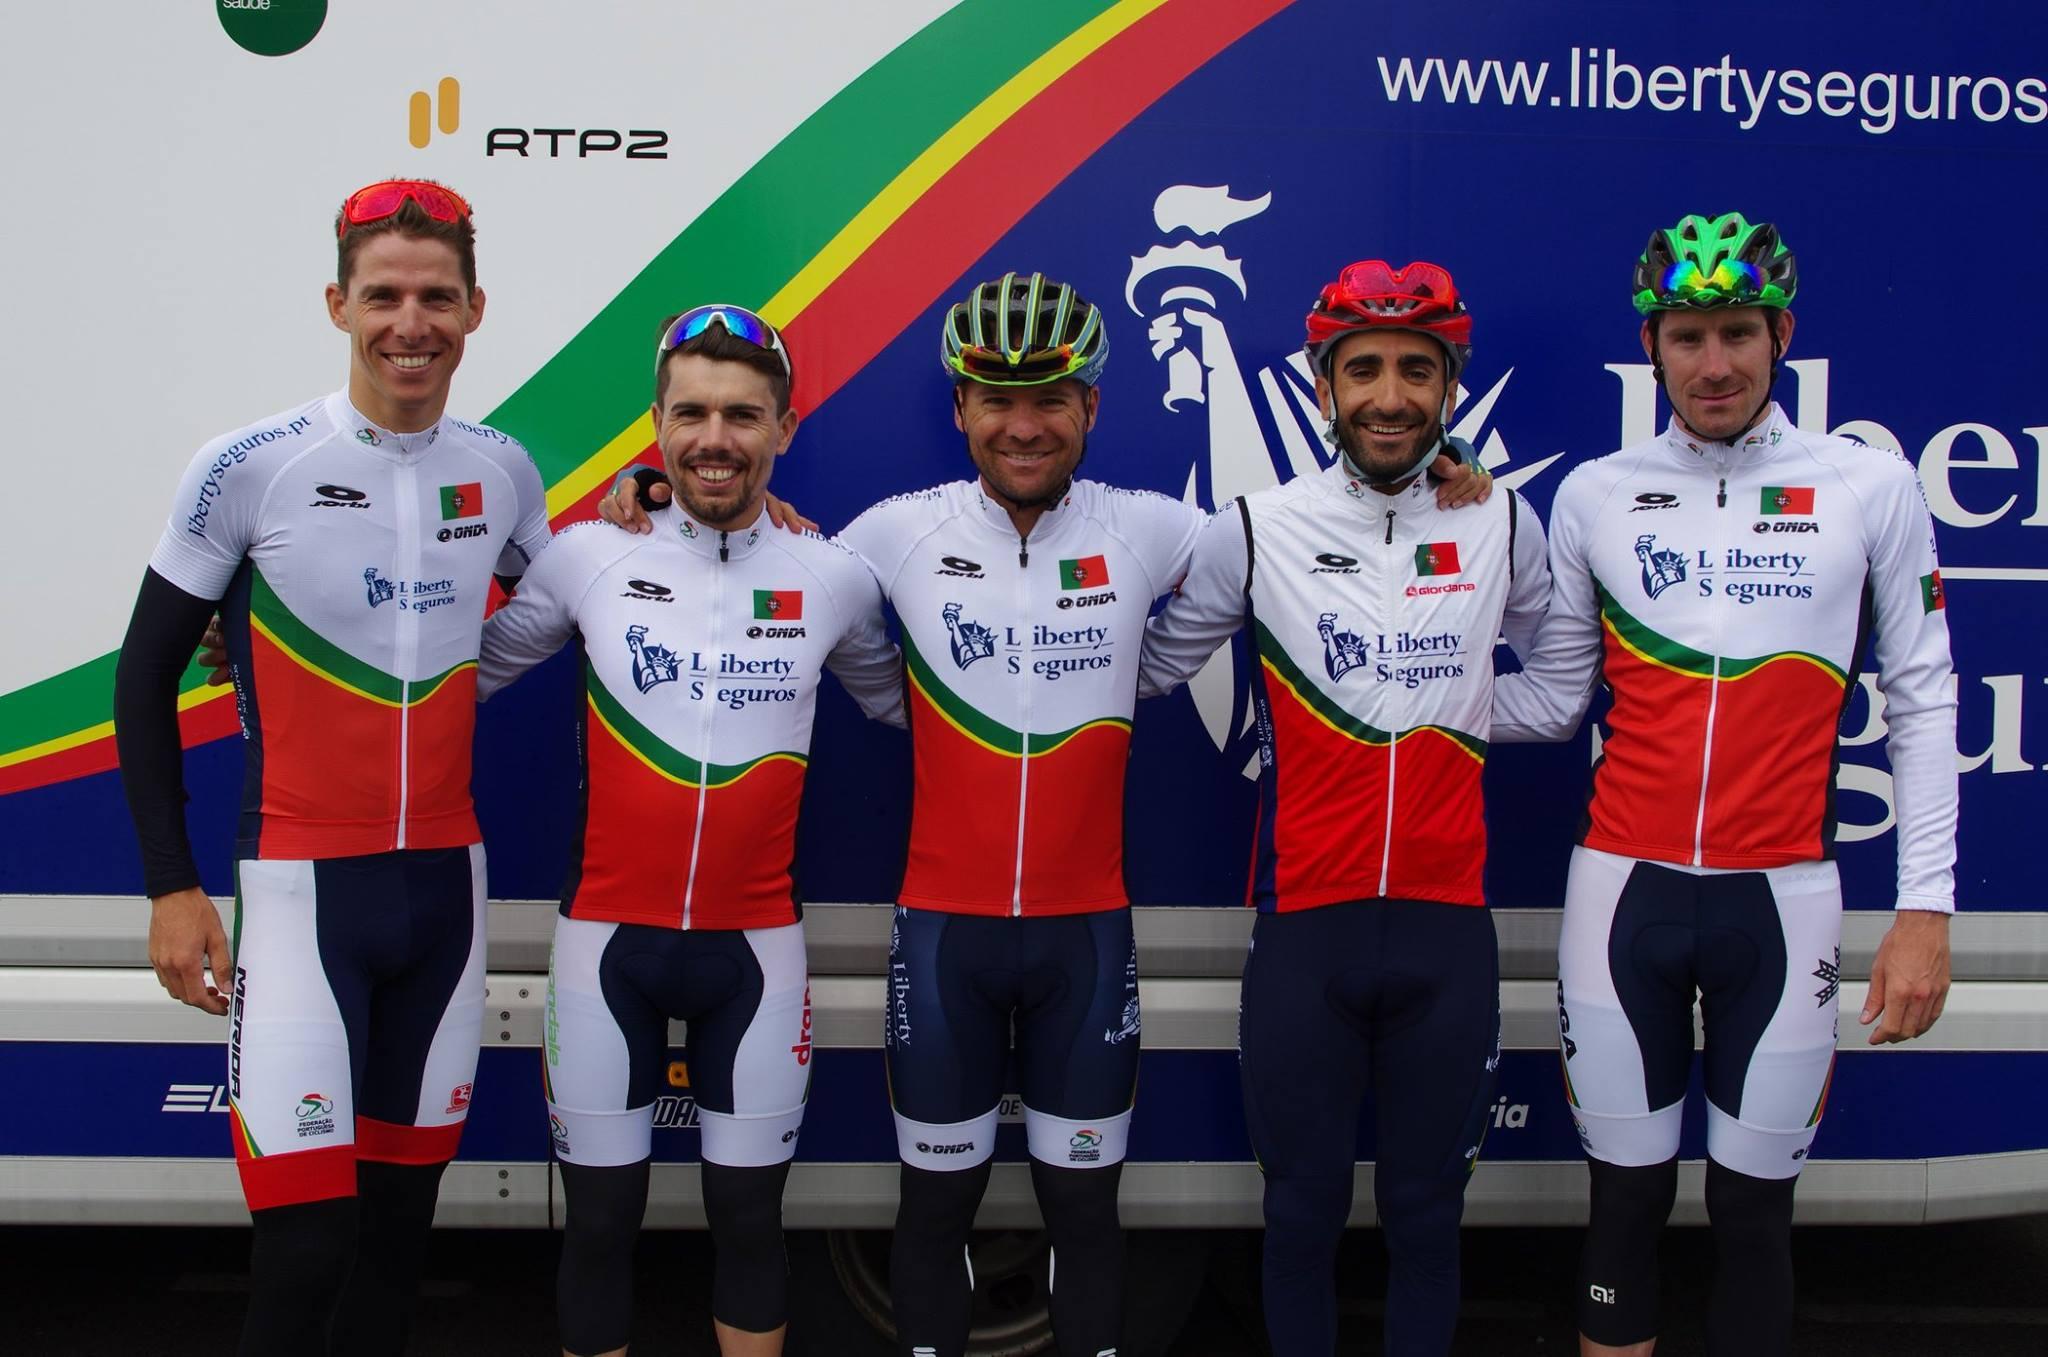 Campeonato da Europa de Estrada Portugal